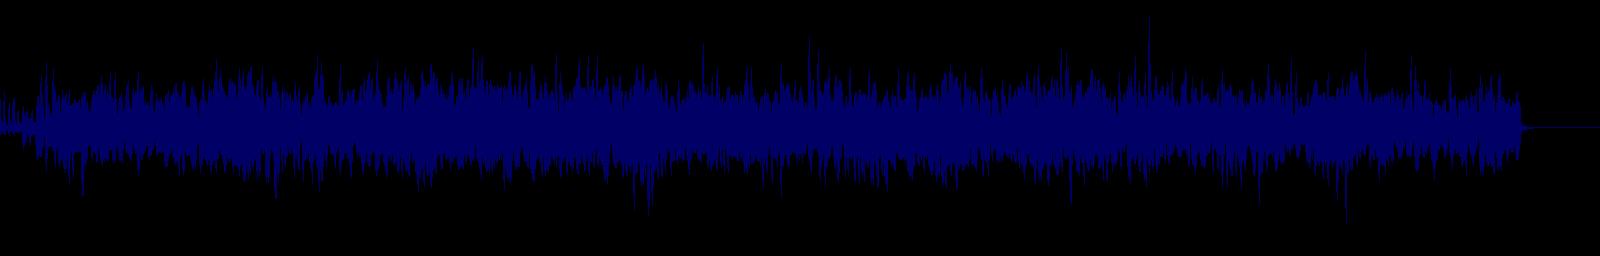 waveform of track #151730